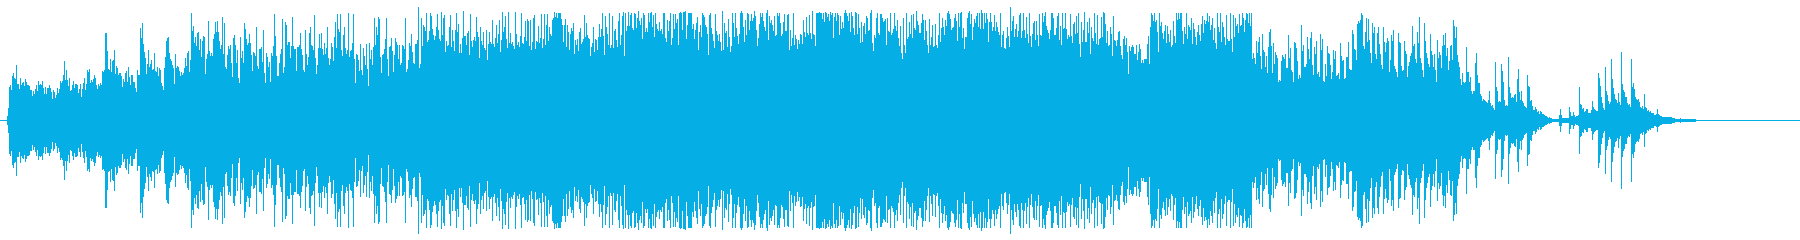 戦闘系っぽいピアノTranceの再生済みの波形